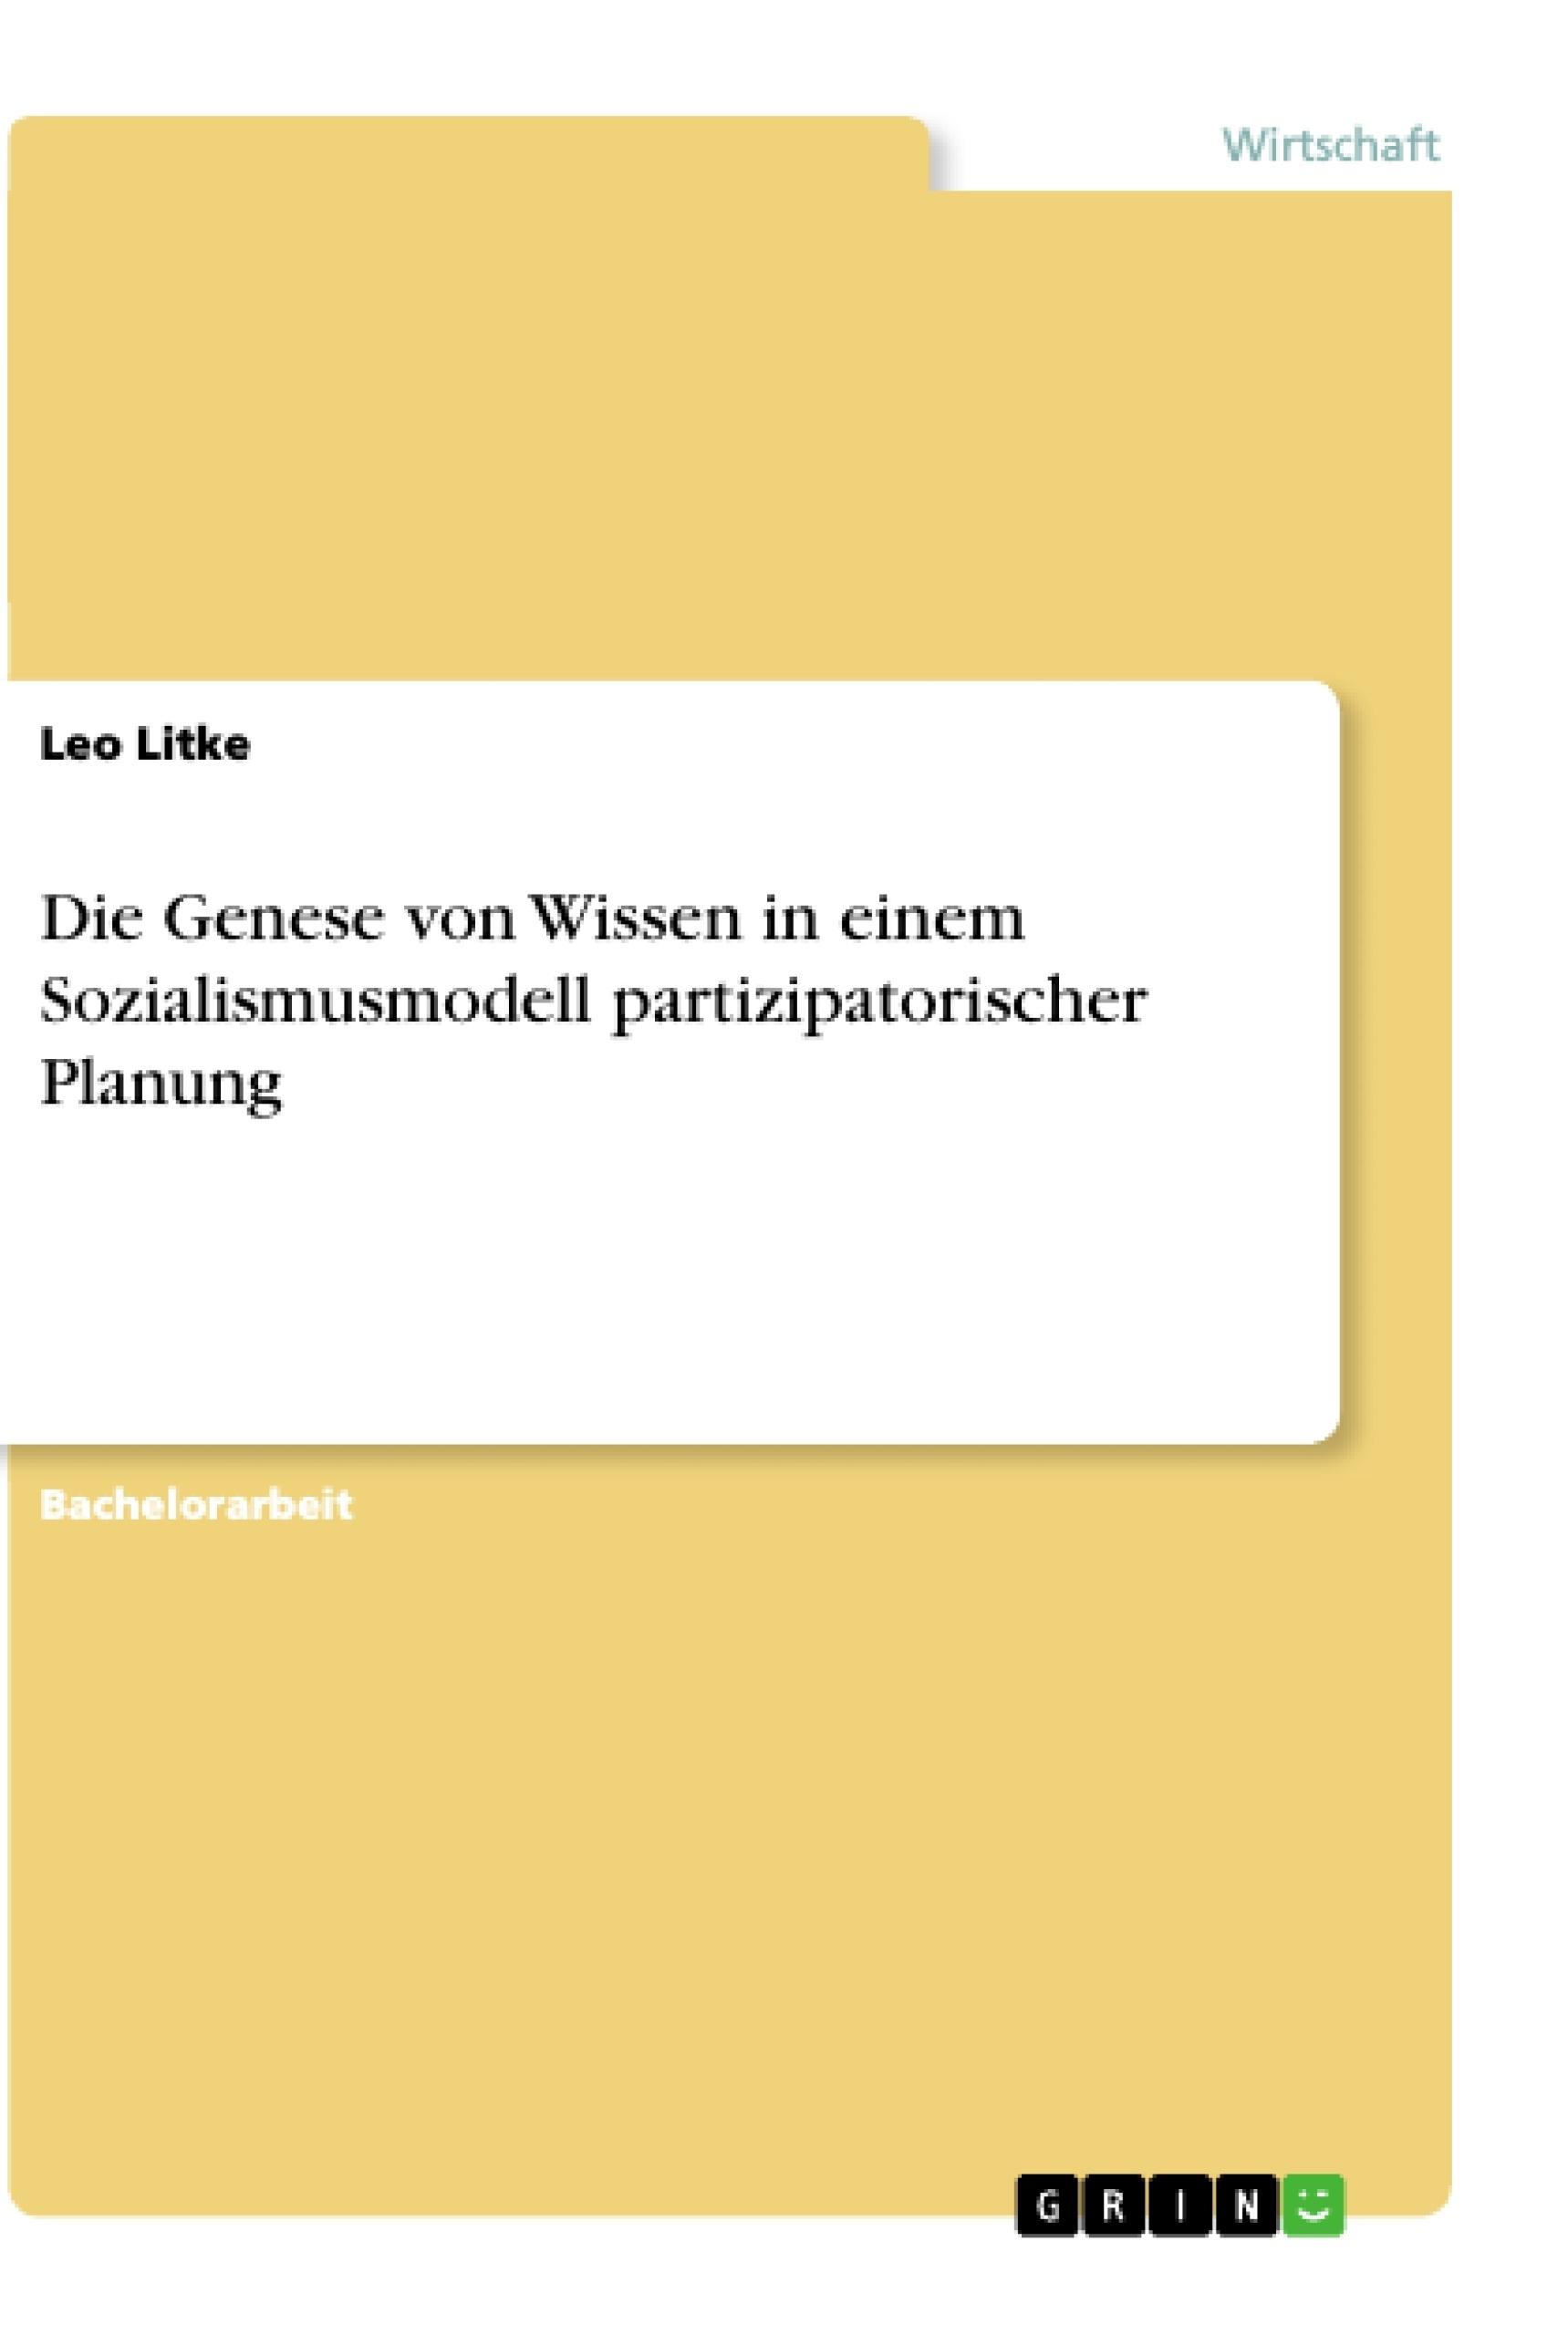 Titel: Die Genese von Wissen in einem Sozialismusmodell partizipatorischer Planung